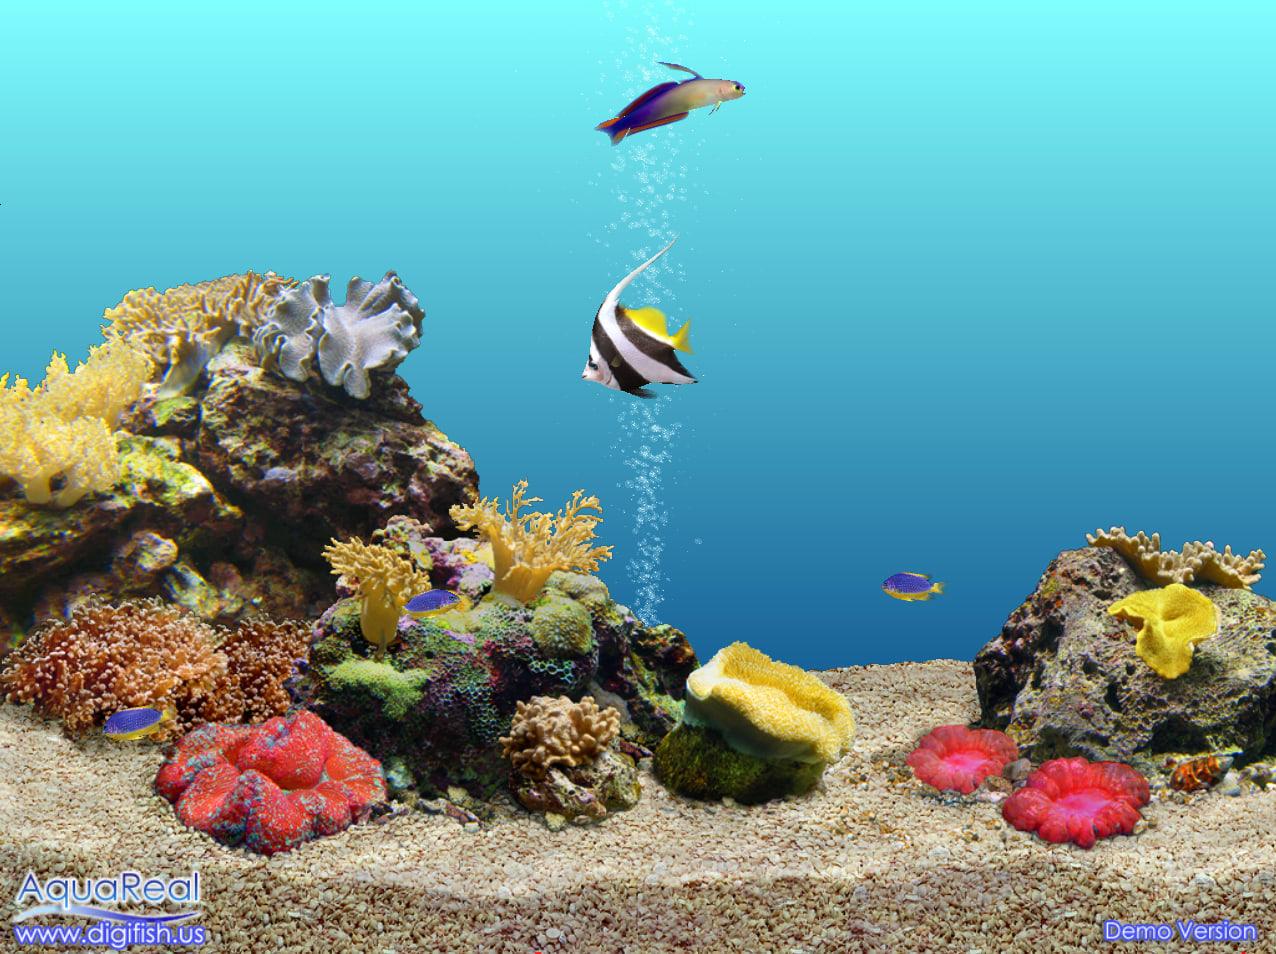 Aquareal descargar for Protector de pantalla en movimiento